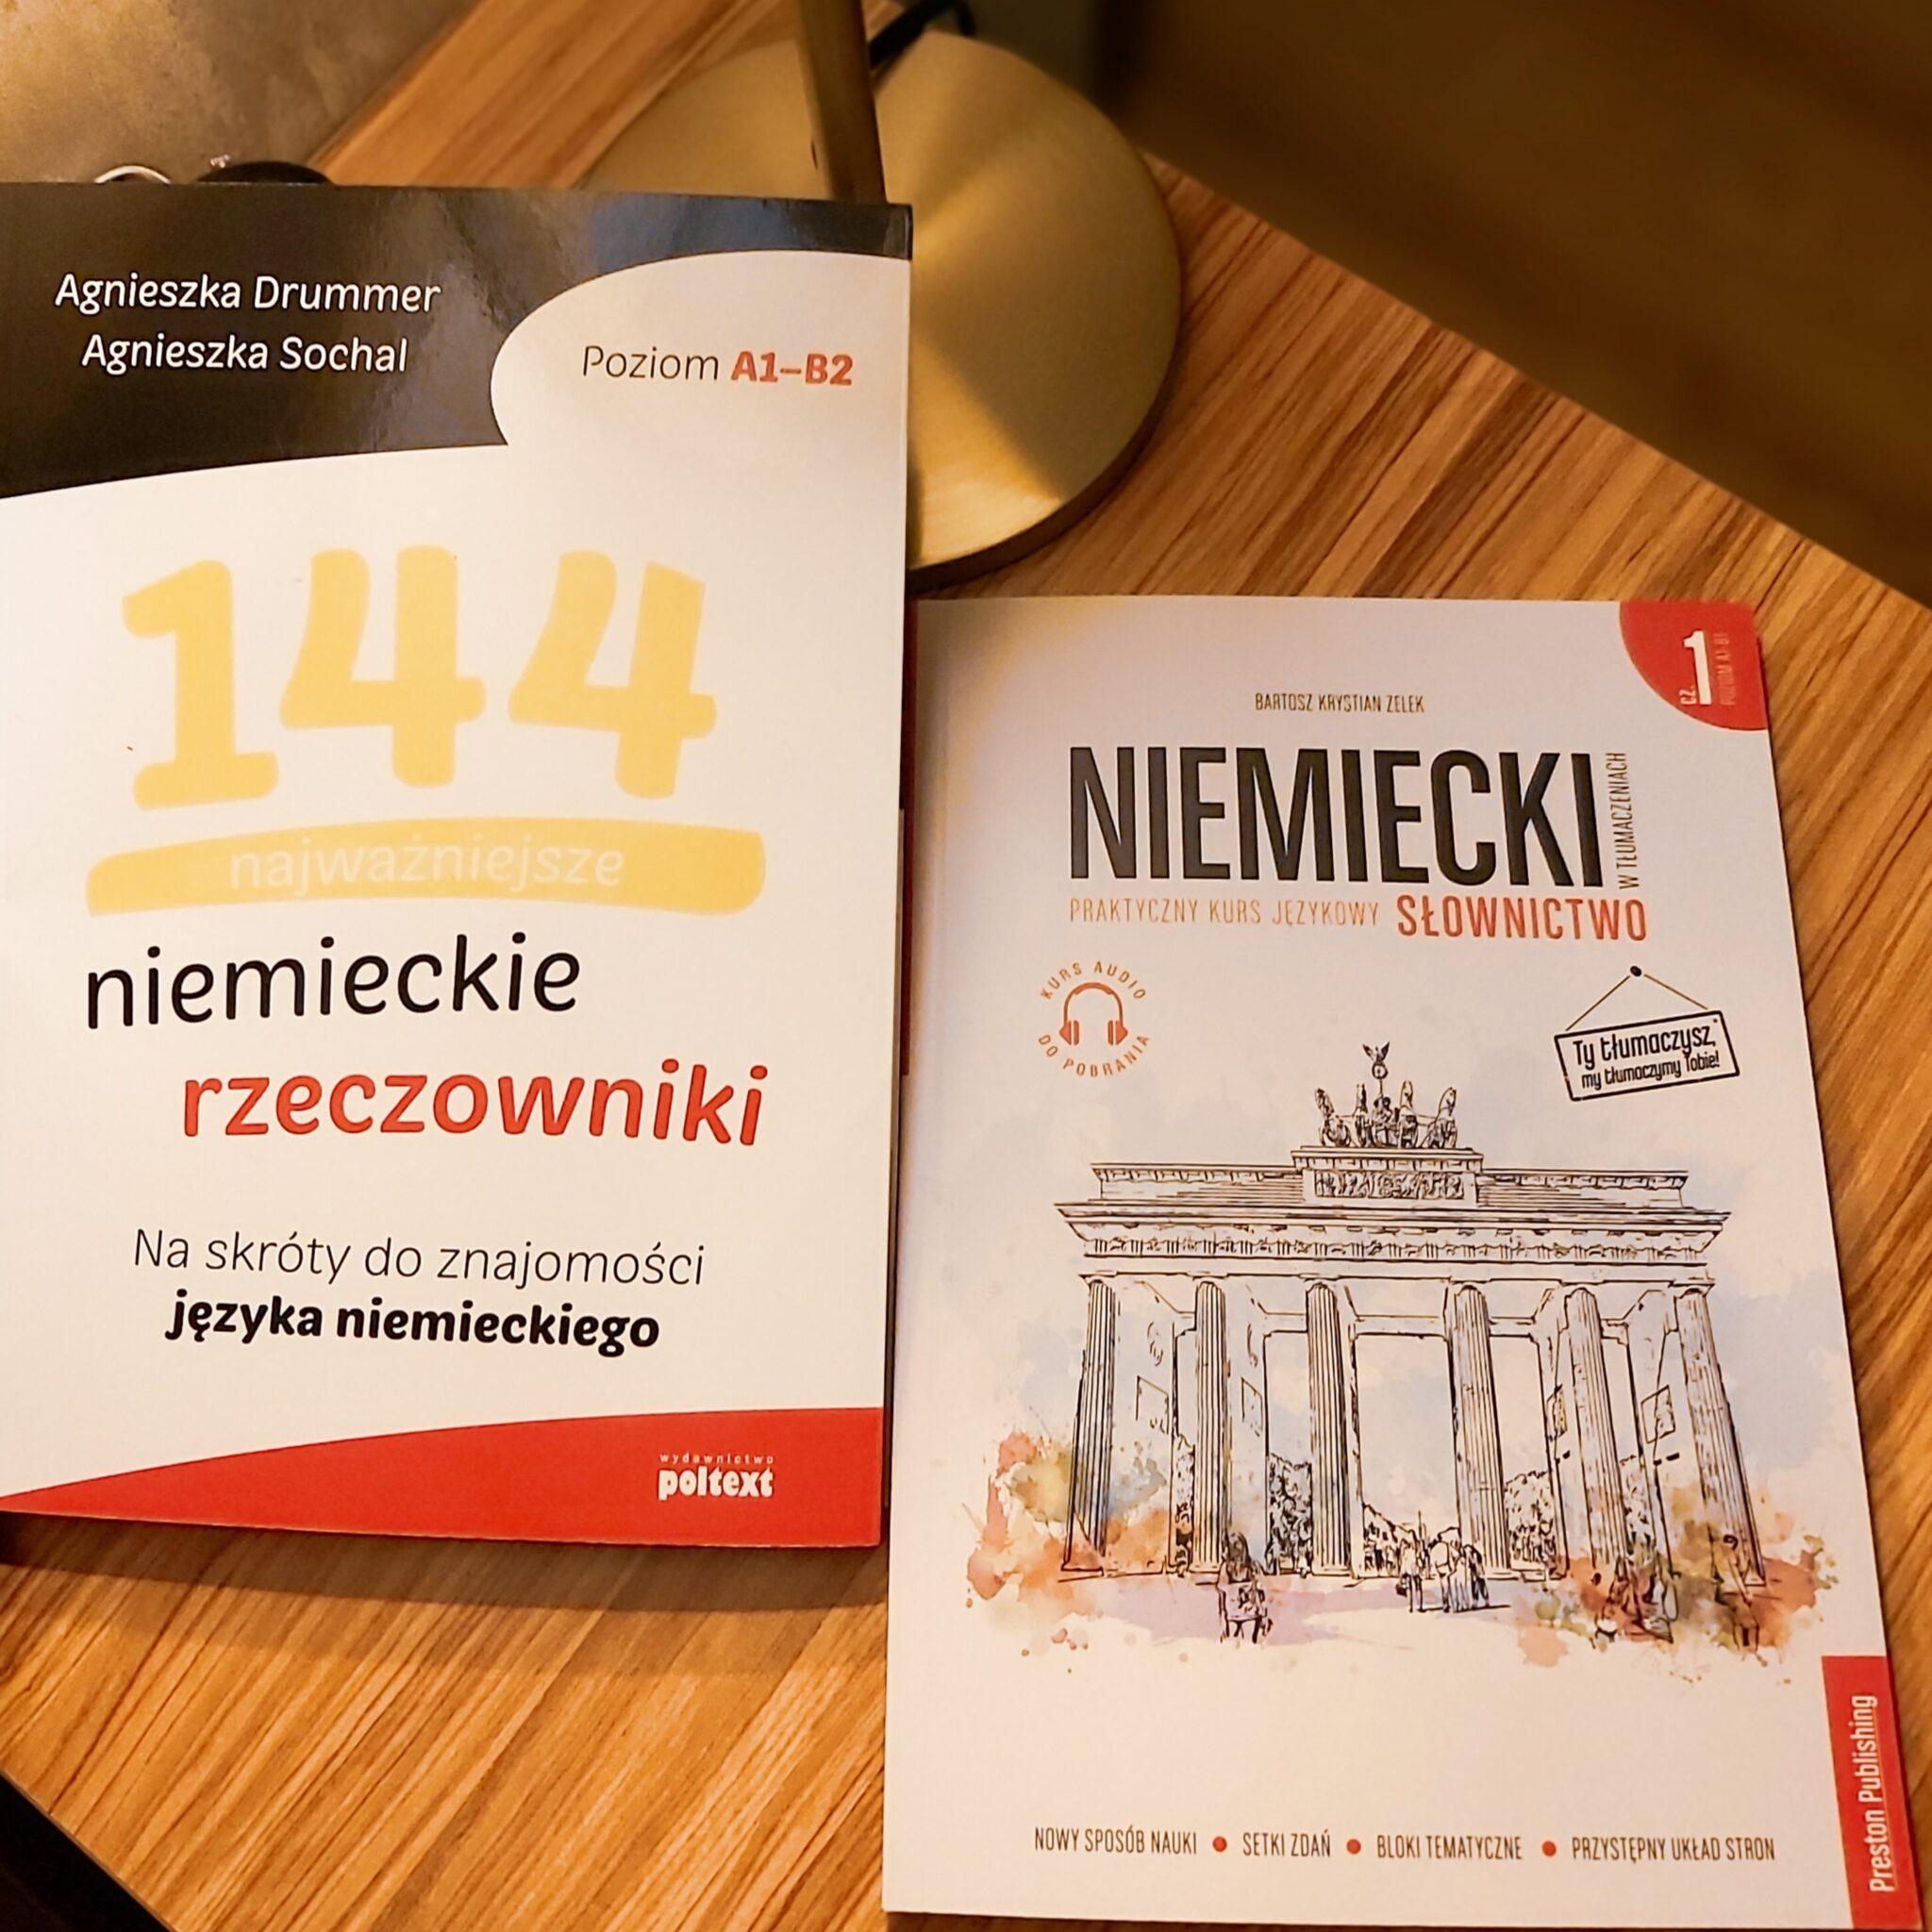 """20201018 203136 - Recenzja książek: """"Niemiecki w tłumaczeniach. Słownictwo"""" i """"144 najważniejsze niemieckie rzeczowniki""""."""